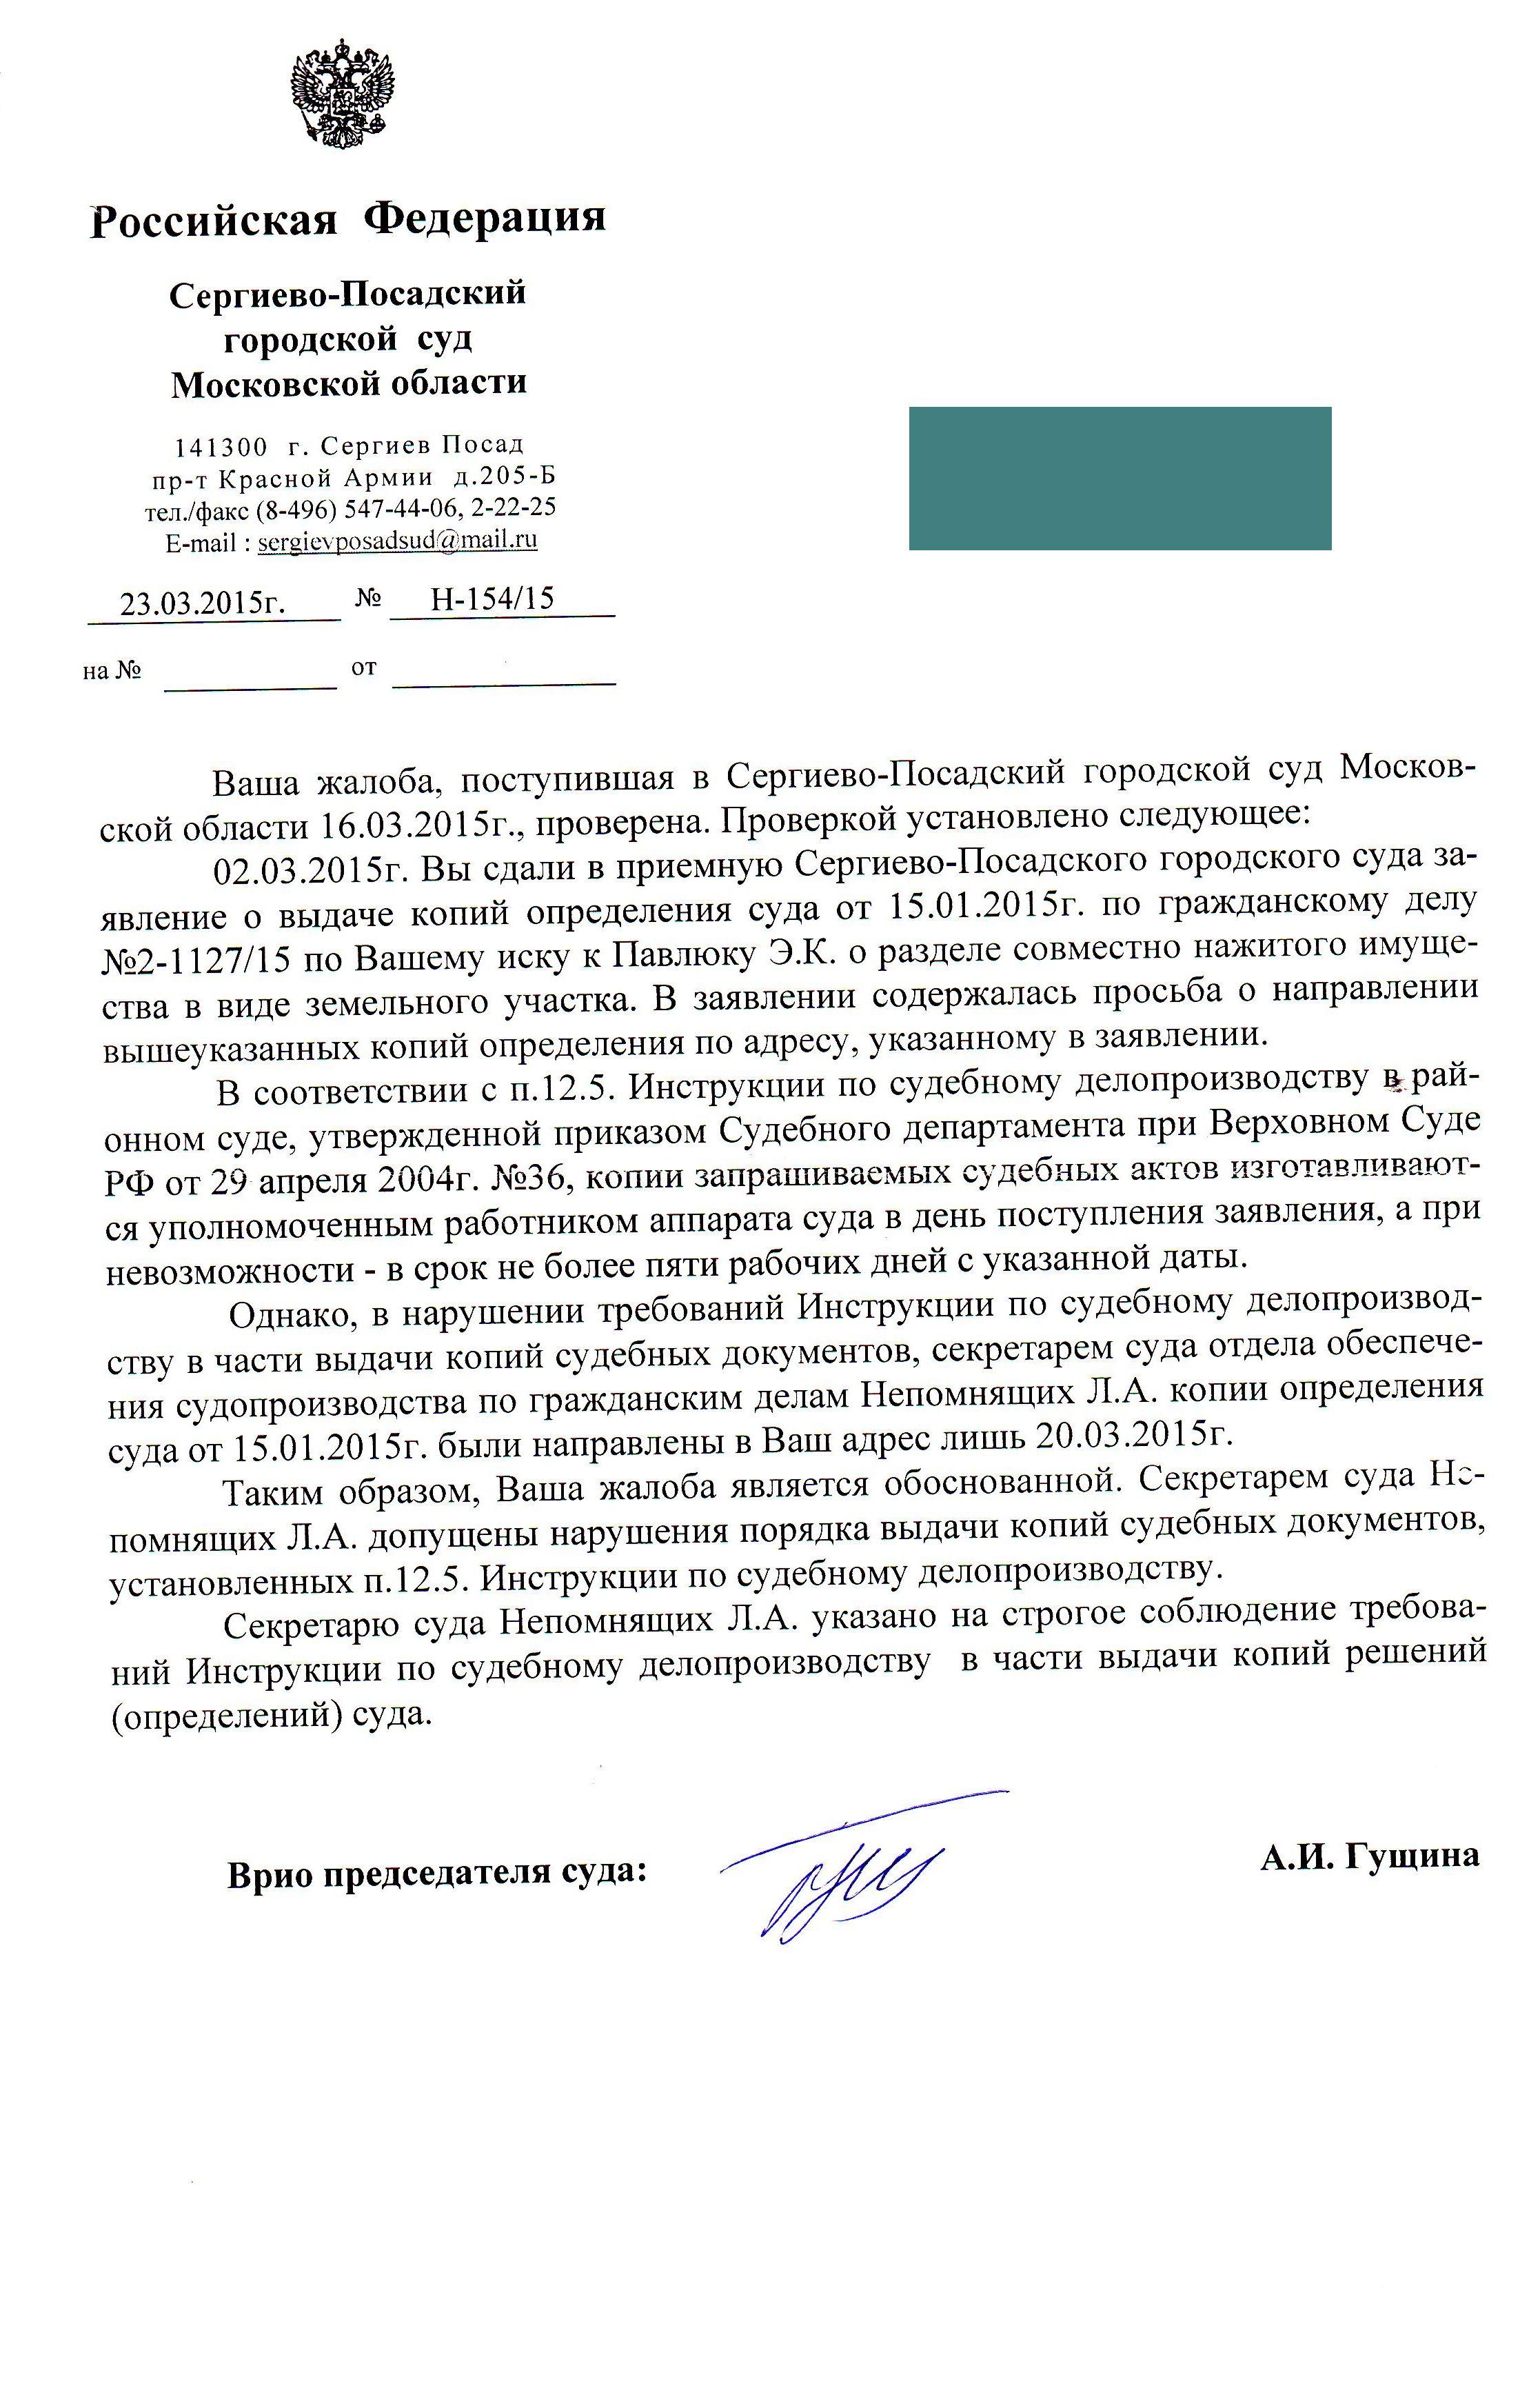 057. Порядок и сроки выдачи (высылки) копий документов в суде первой инстанции